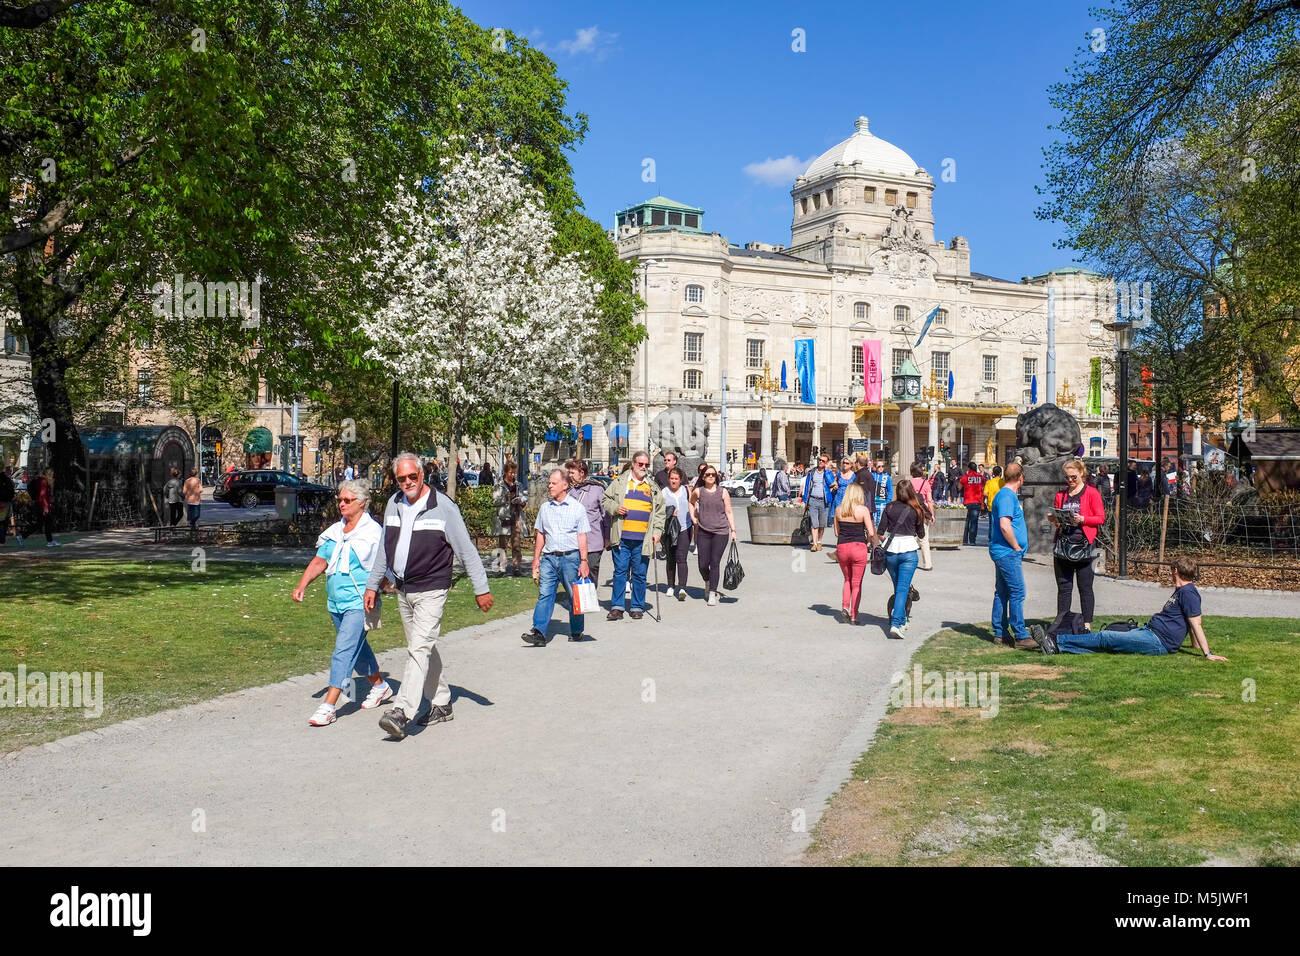 Les gens se promener dans le parc Berzelii au printemps à Stockholm. Le Théâtre Dramatique Royal Photo Stock